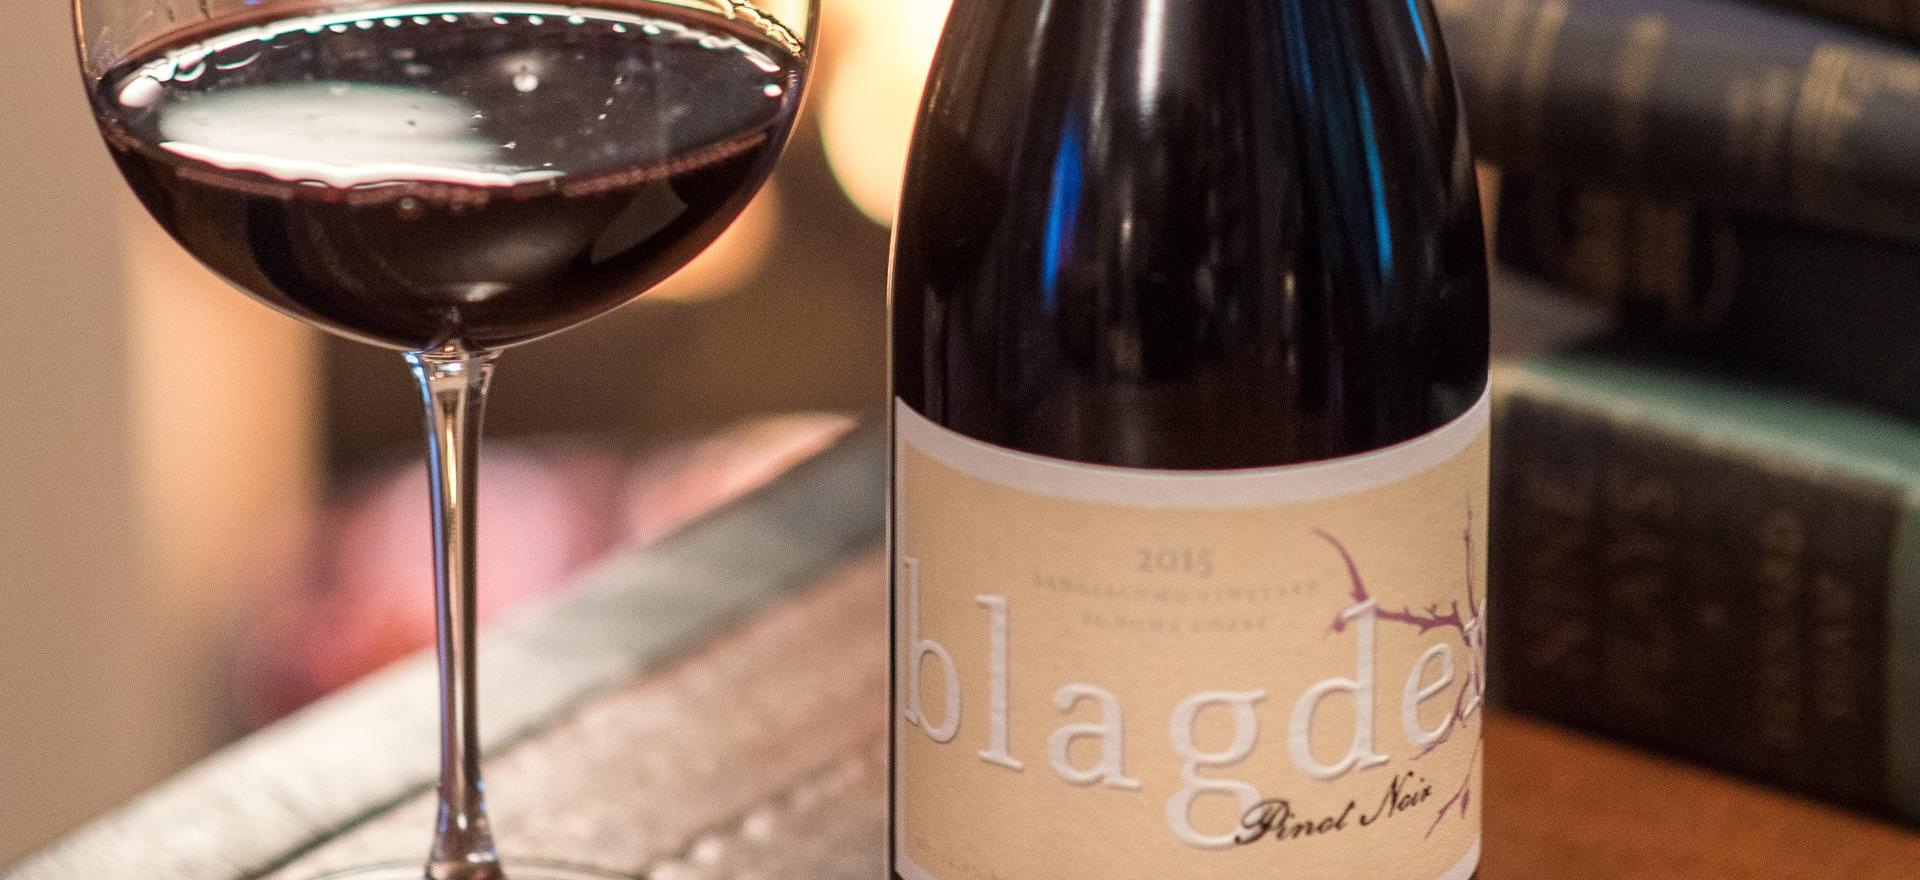 Blagden Wines Pinot Noir